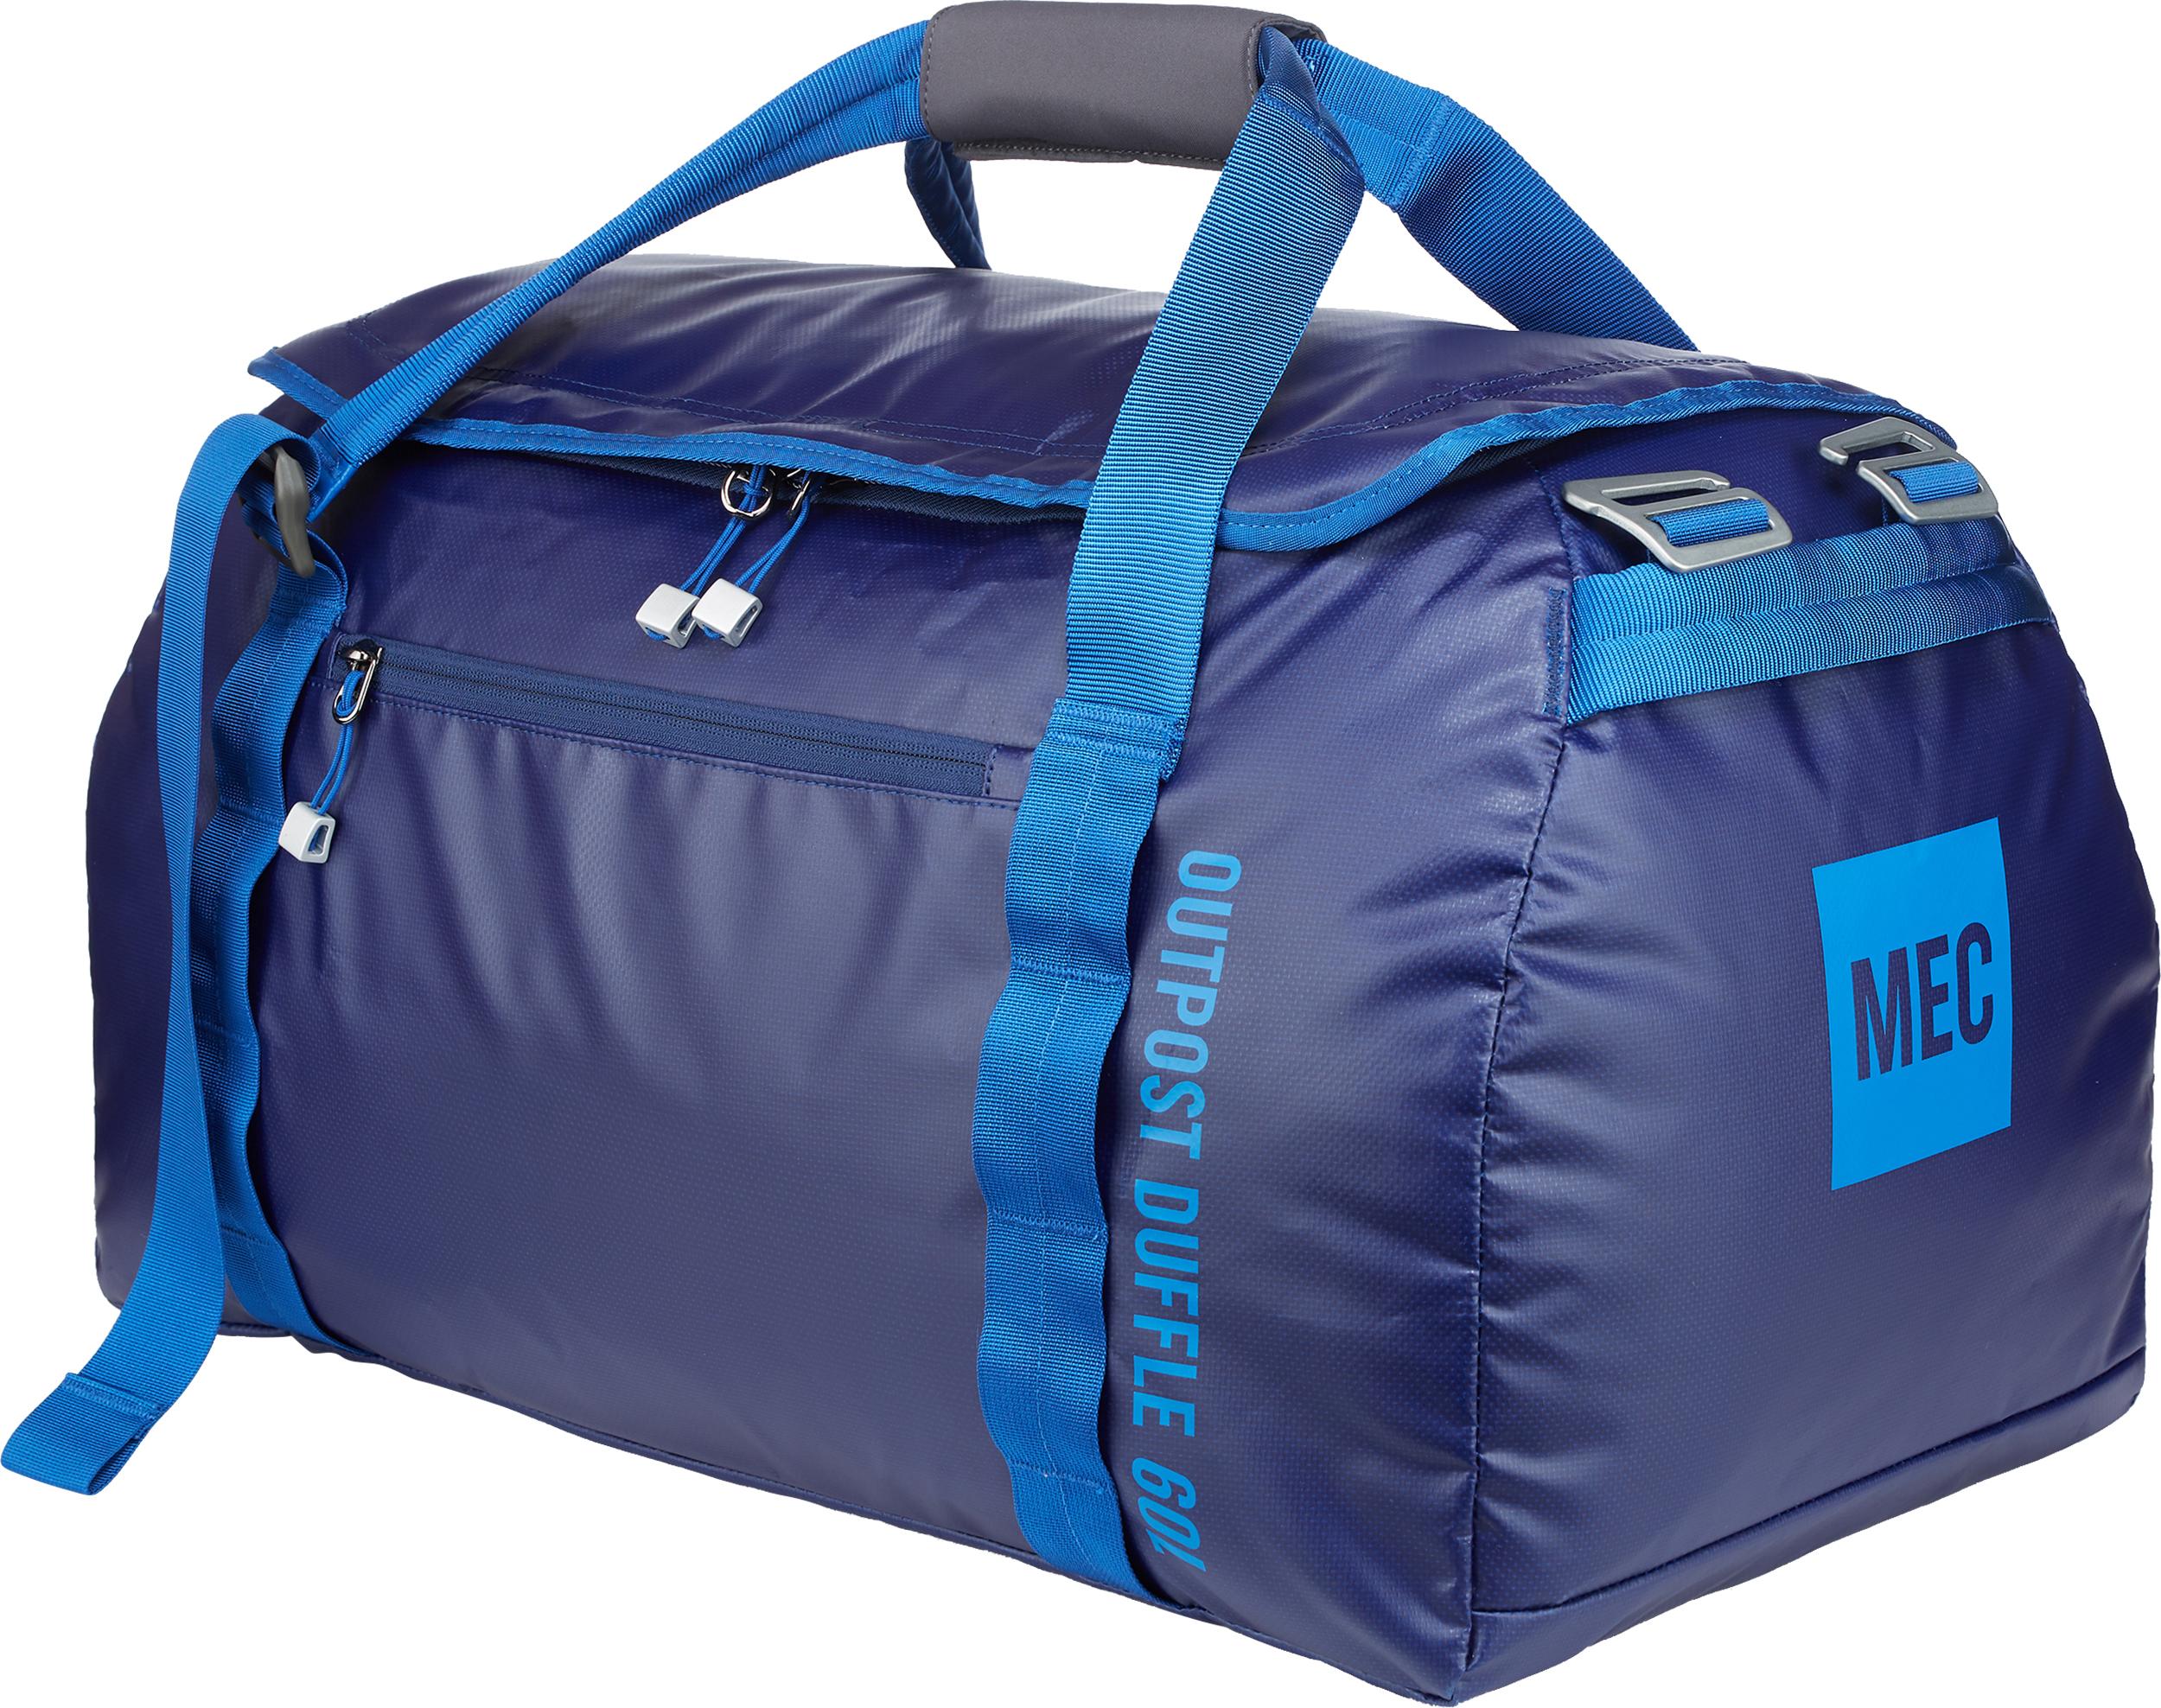 fb6031af686d Duffle bags